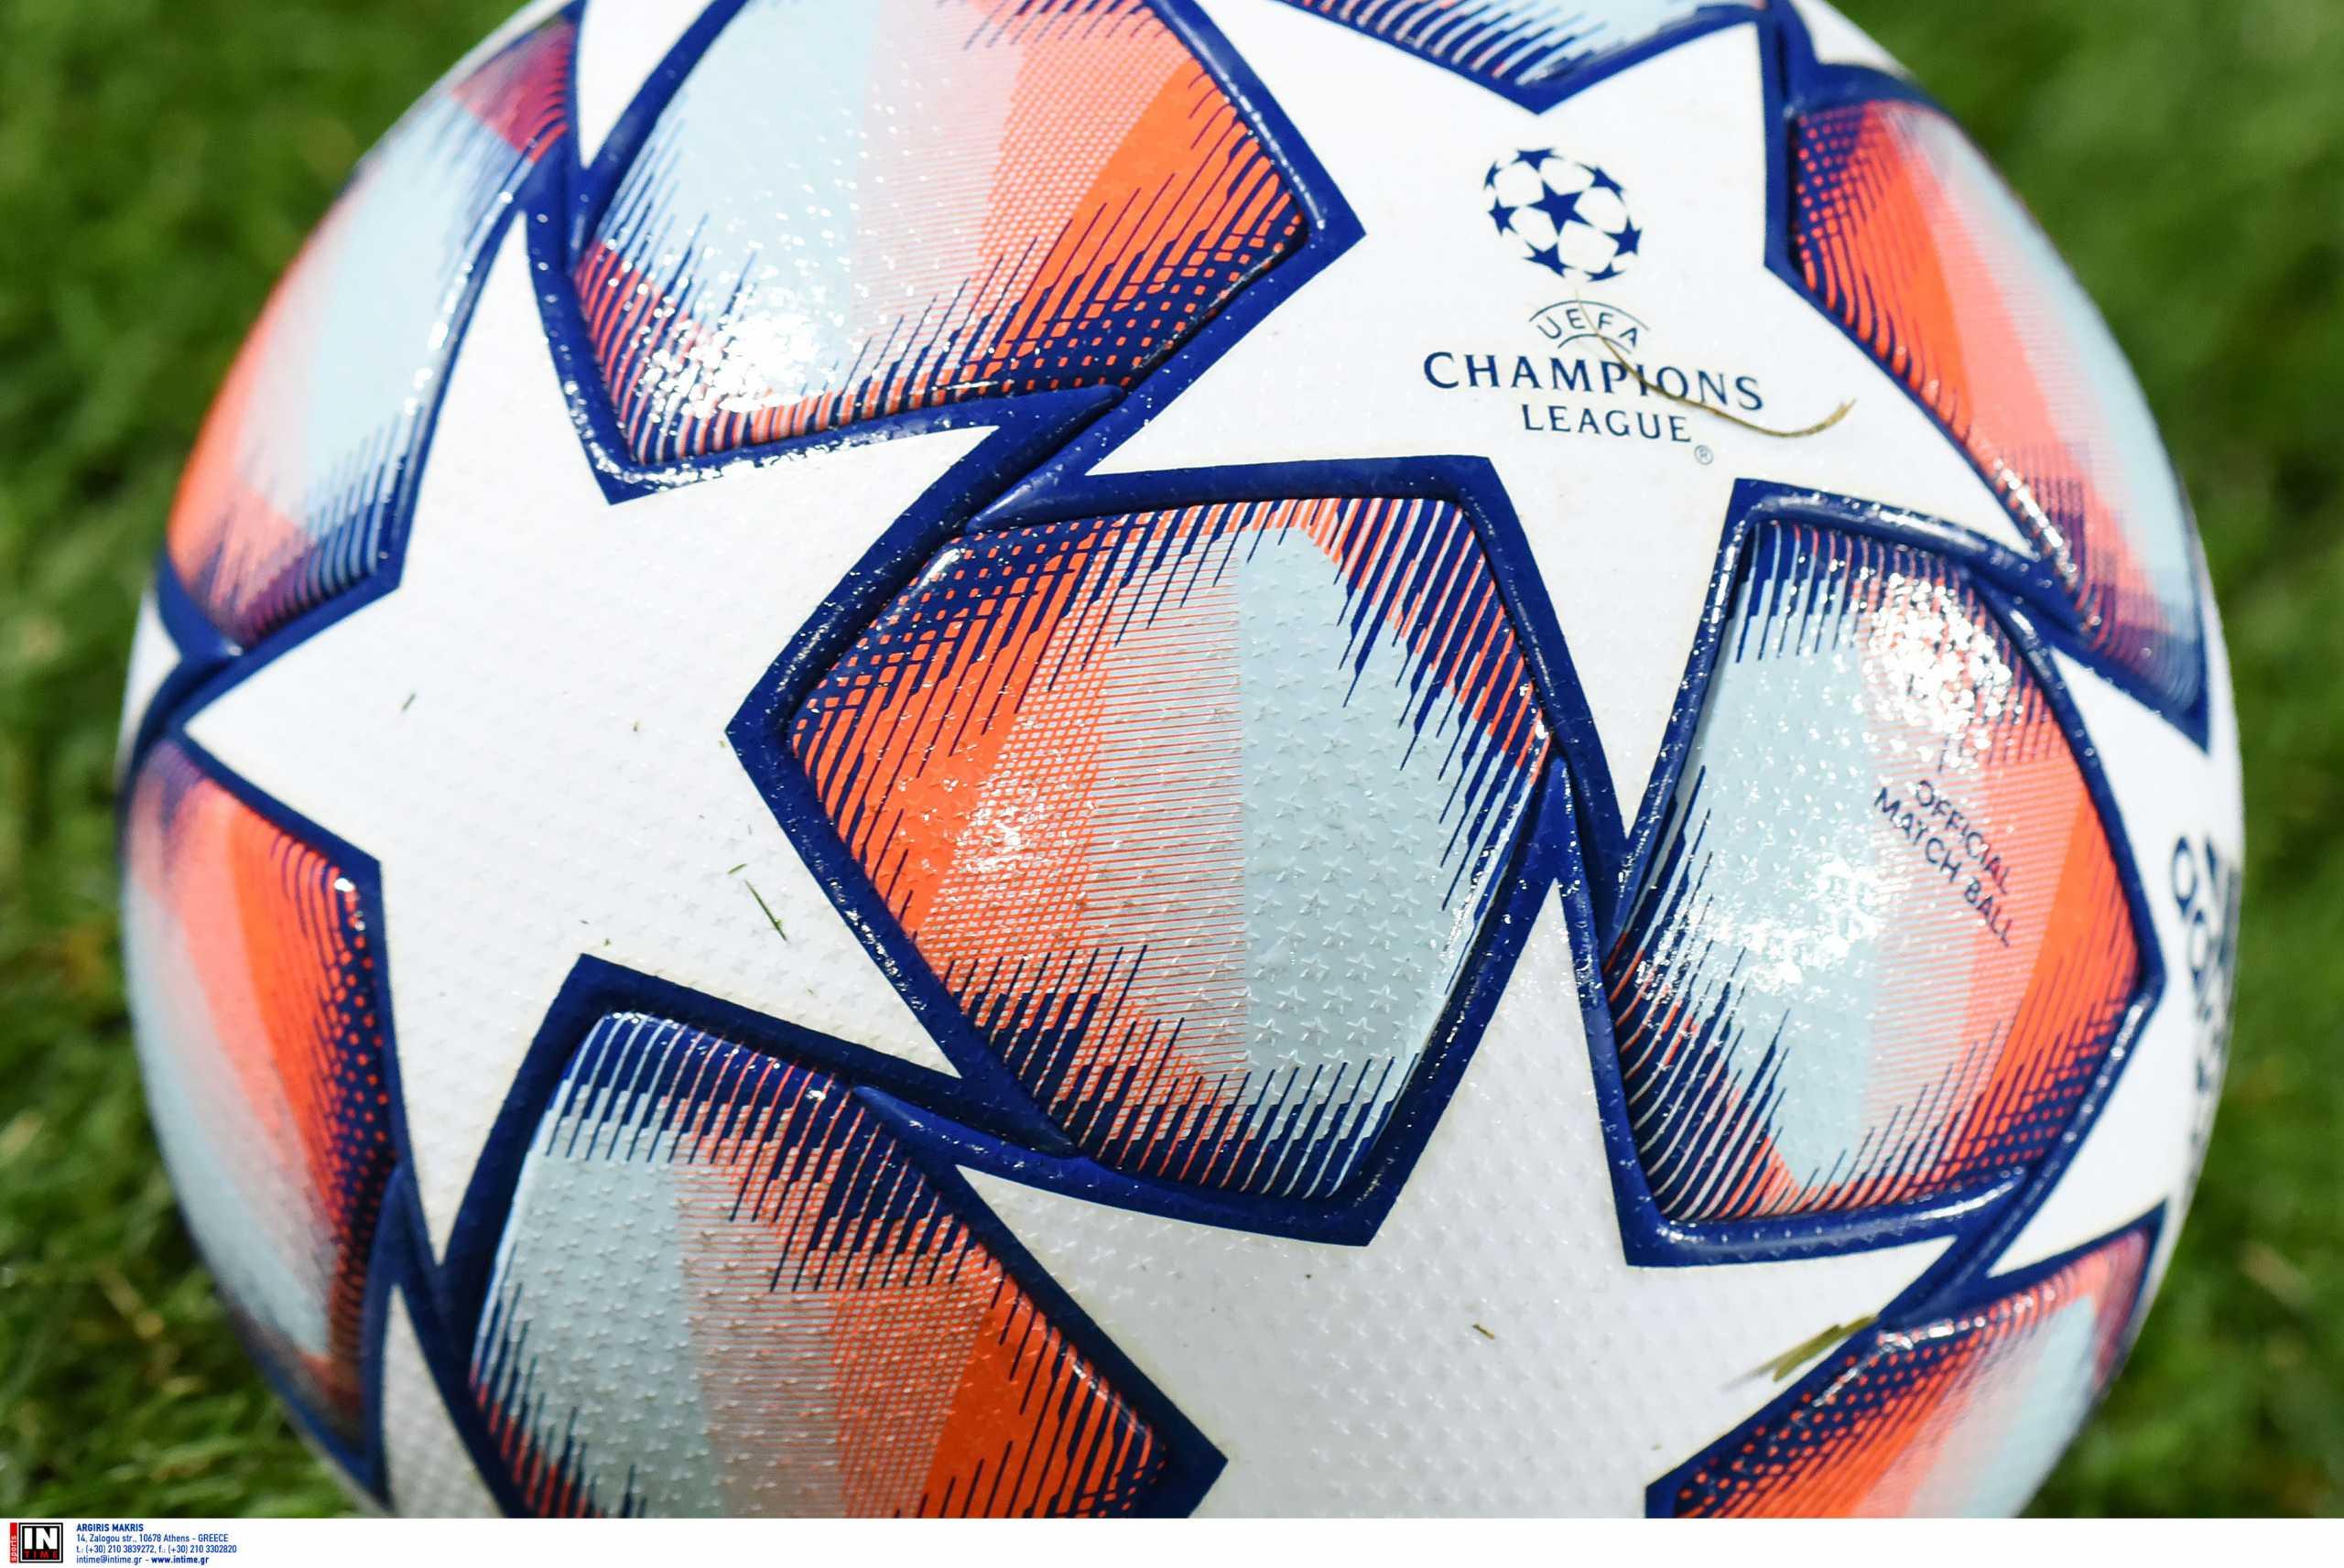 Αθλητικές μεταδόσεις με Τσιτσιπά και Champions League (13/4)